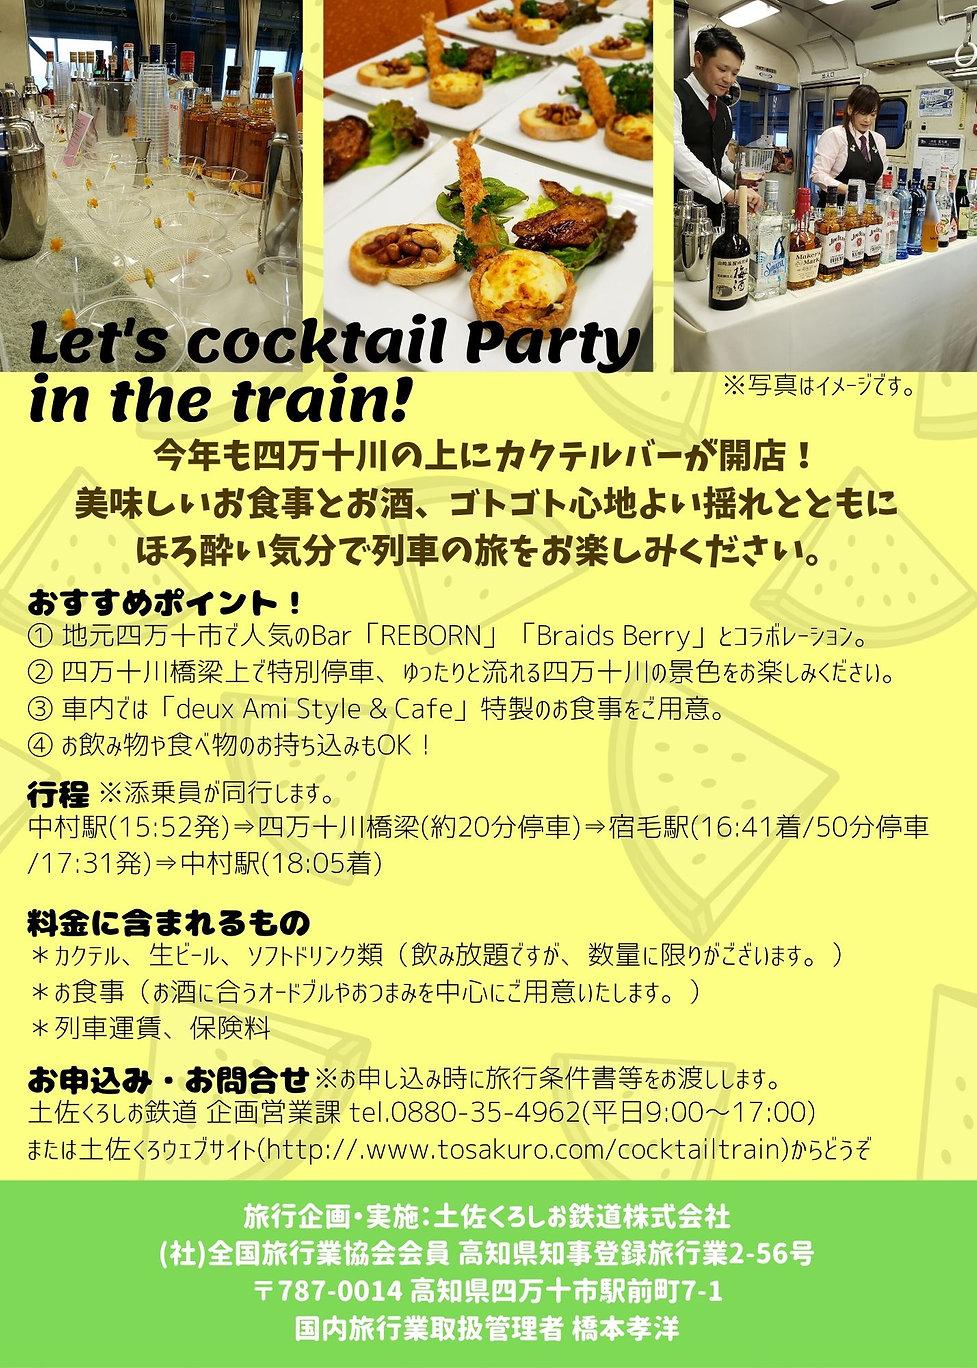 カクテル列車2020裏.jpg